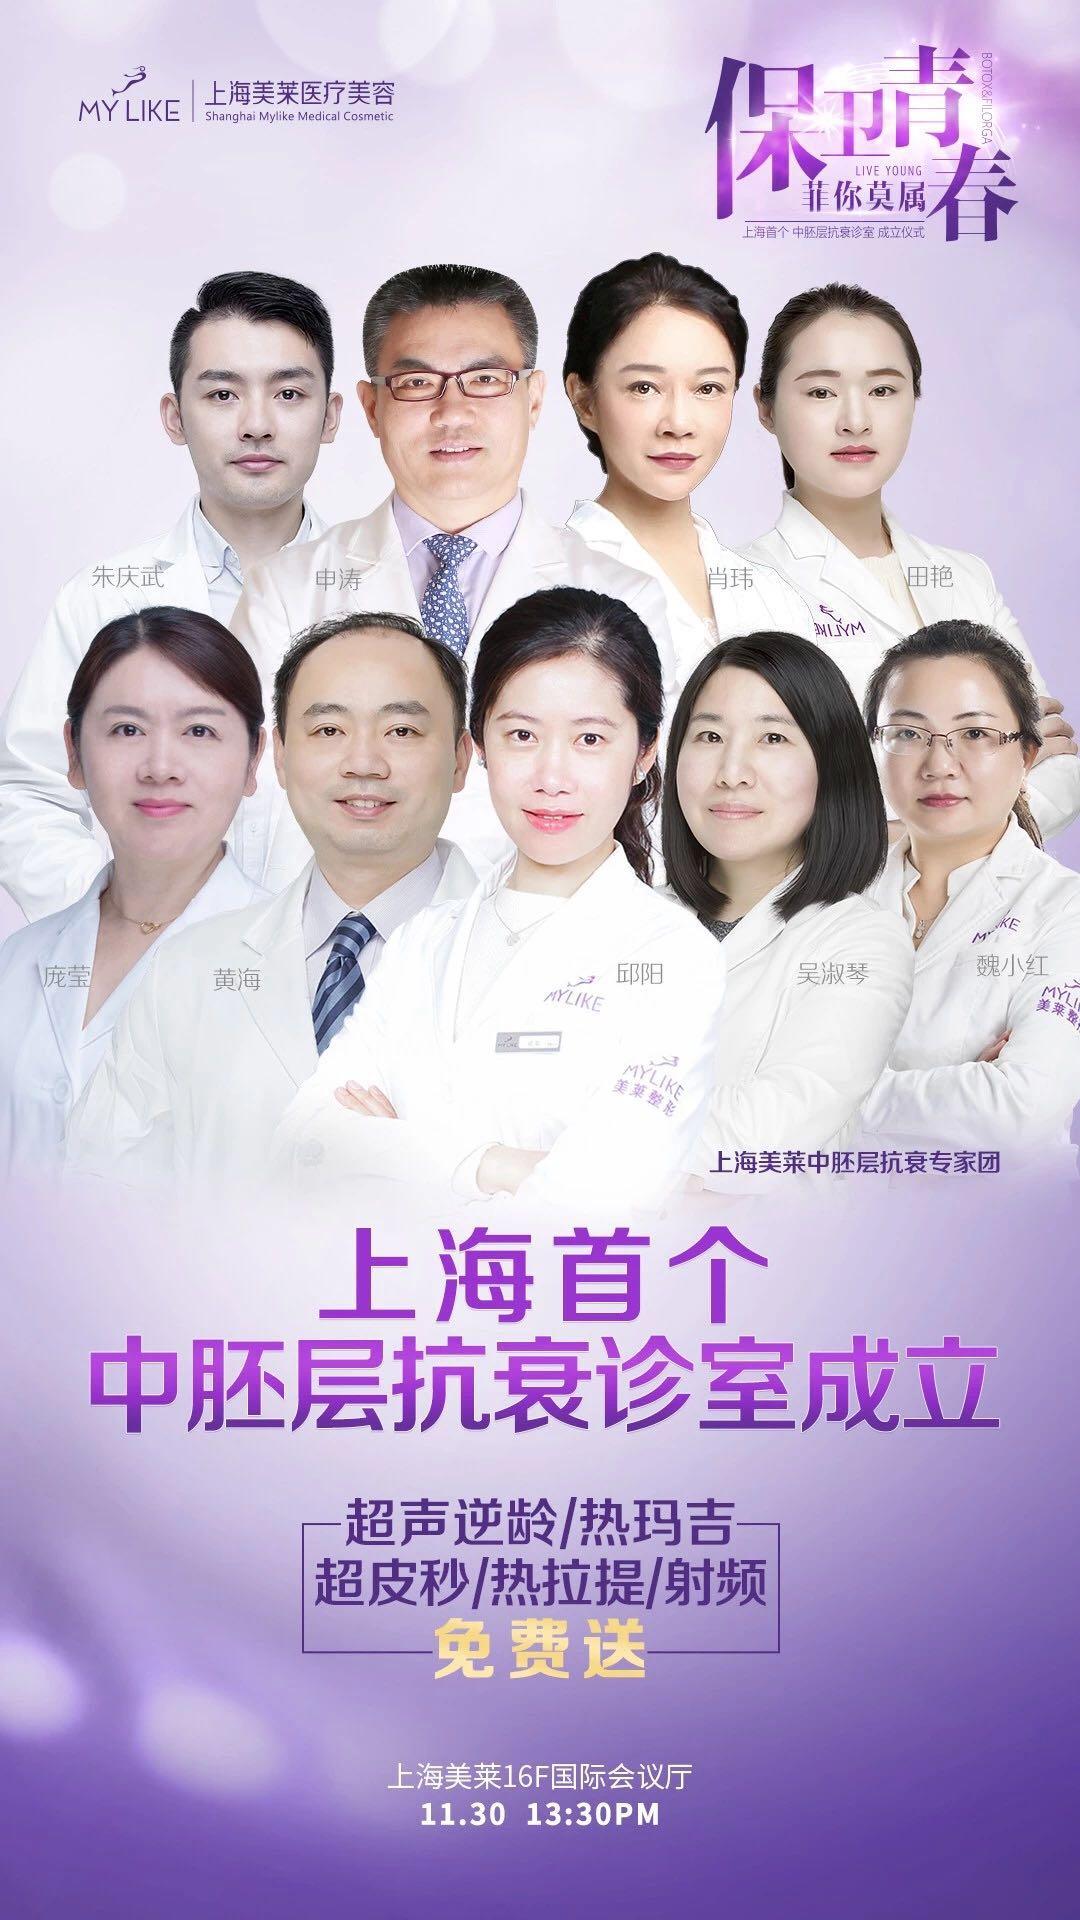 上海美莱十一月最后一天消费即送顶级抗衰项目